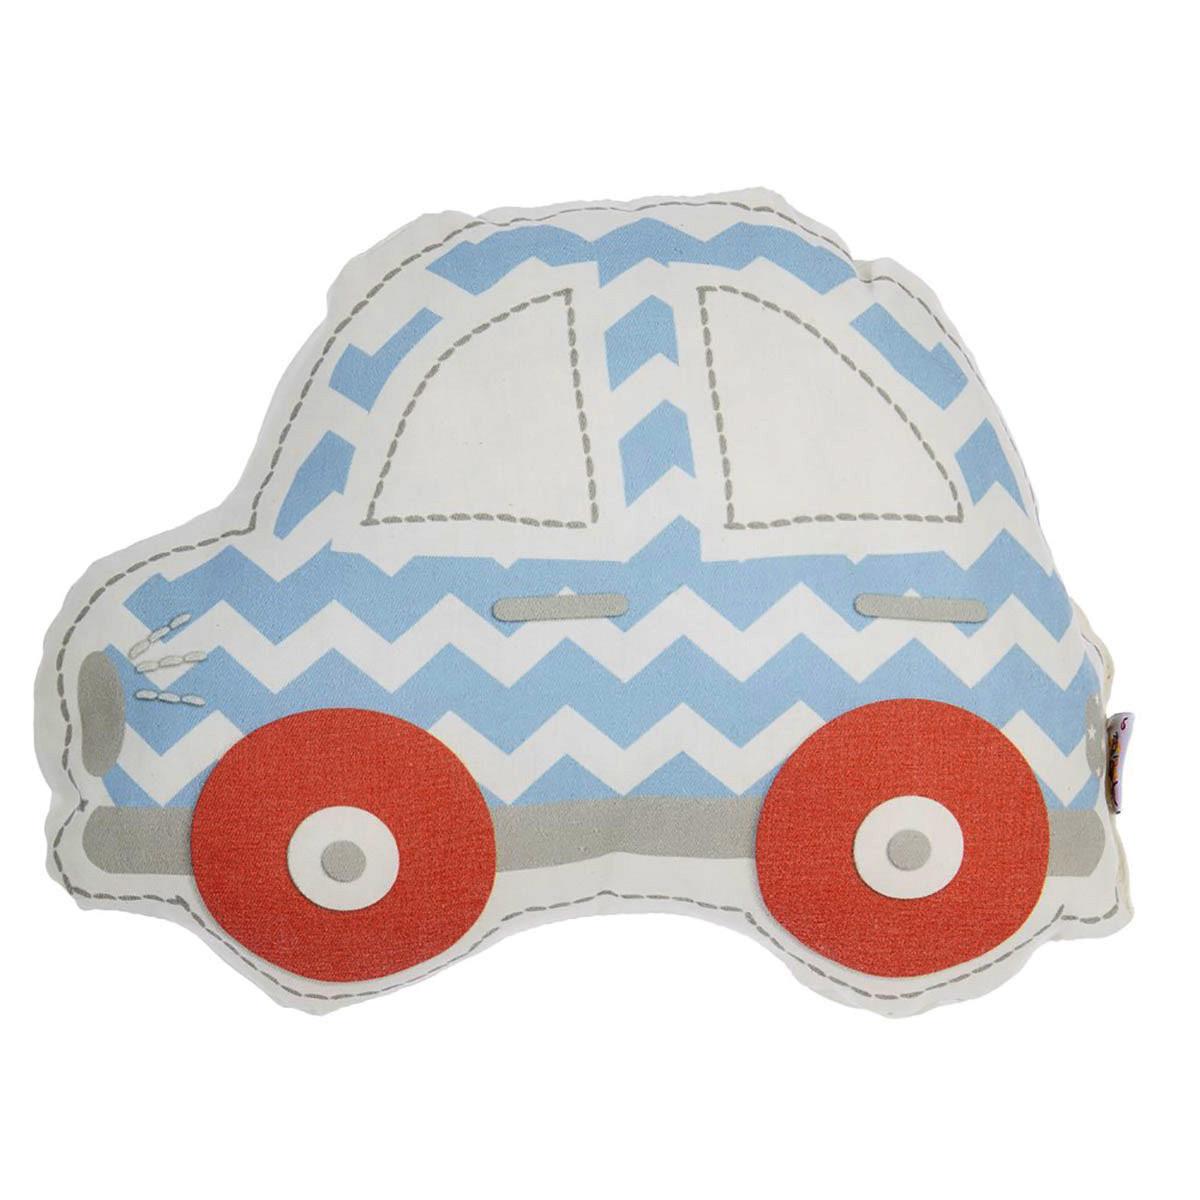 Διακοσμητικό Μαξιλάρι Apolena Αυτοκίνητο Γαλάζιο